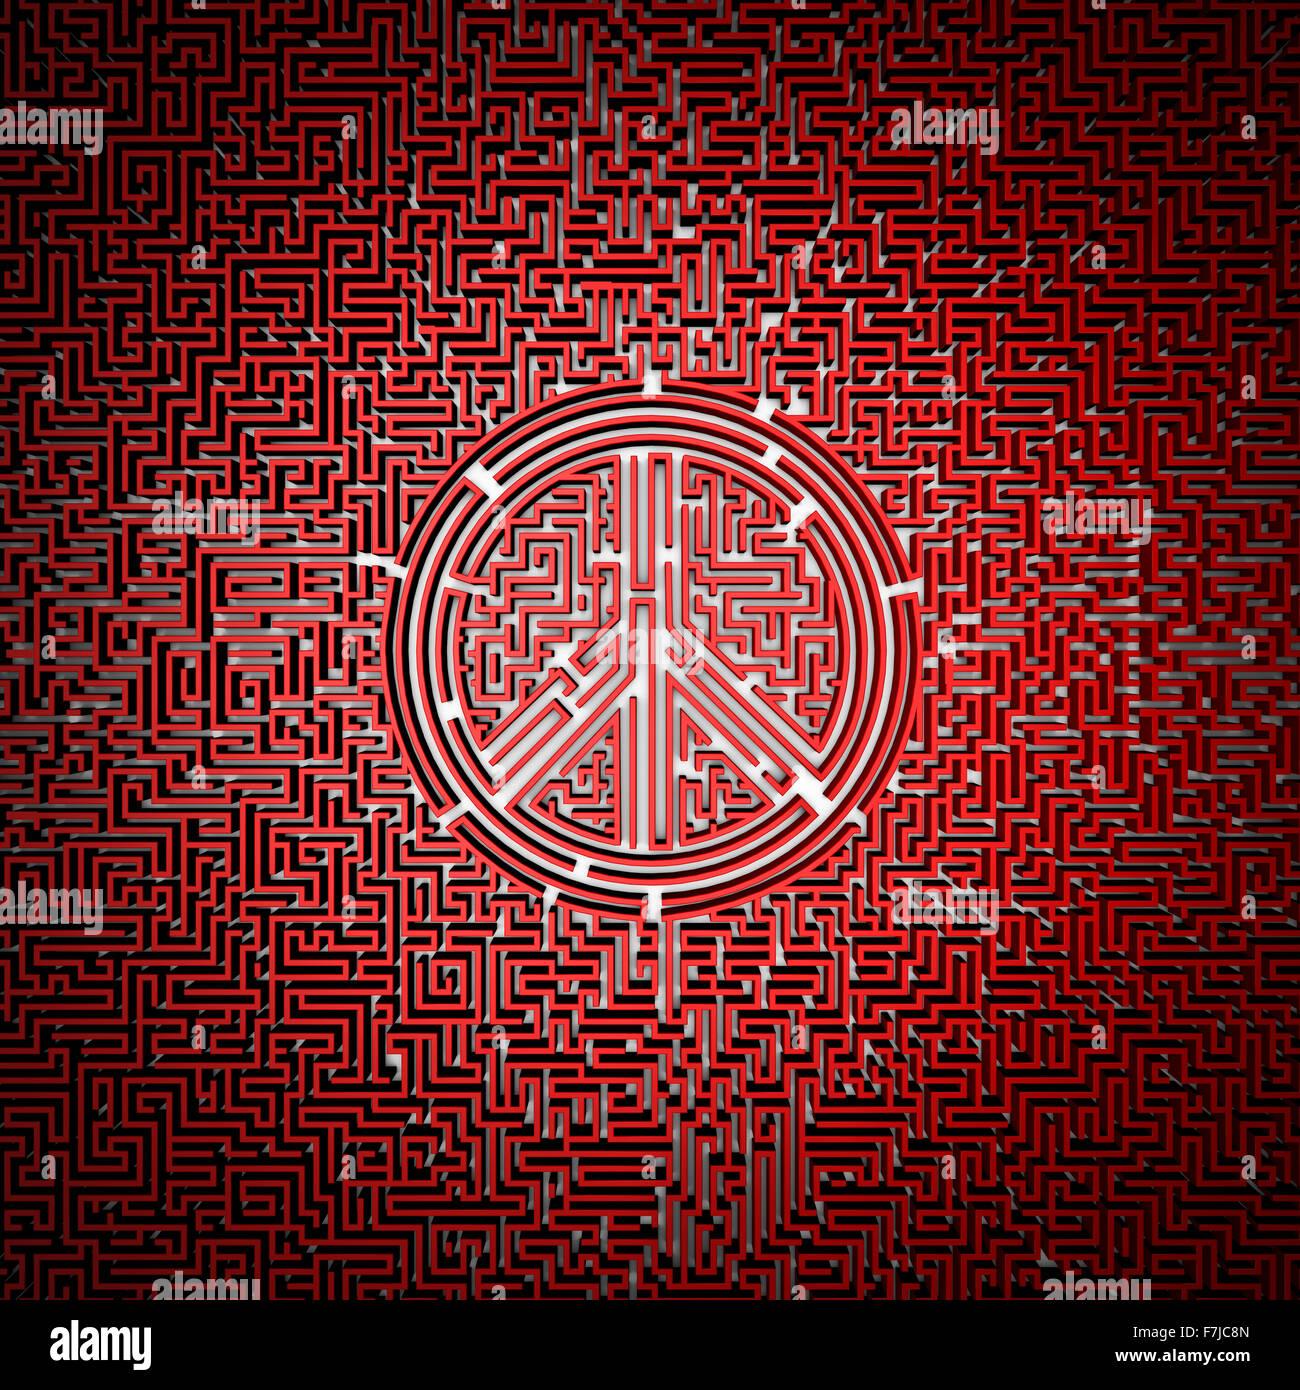 Paz definitiva laberinto / 3D Render de laberinto gigante con el símbolo de la paz en el centro, fácil Imagen De Stock